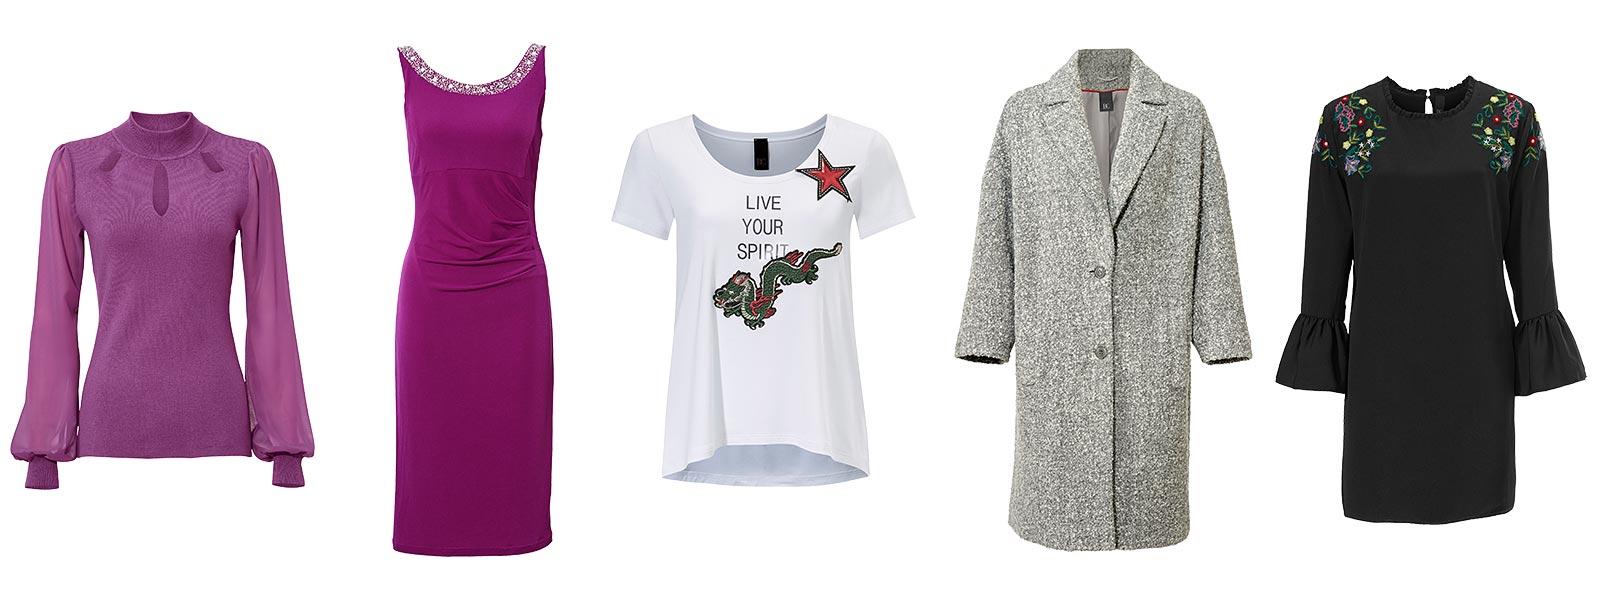 Kleidung/Farbberatung Wintertyp